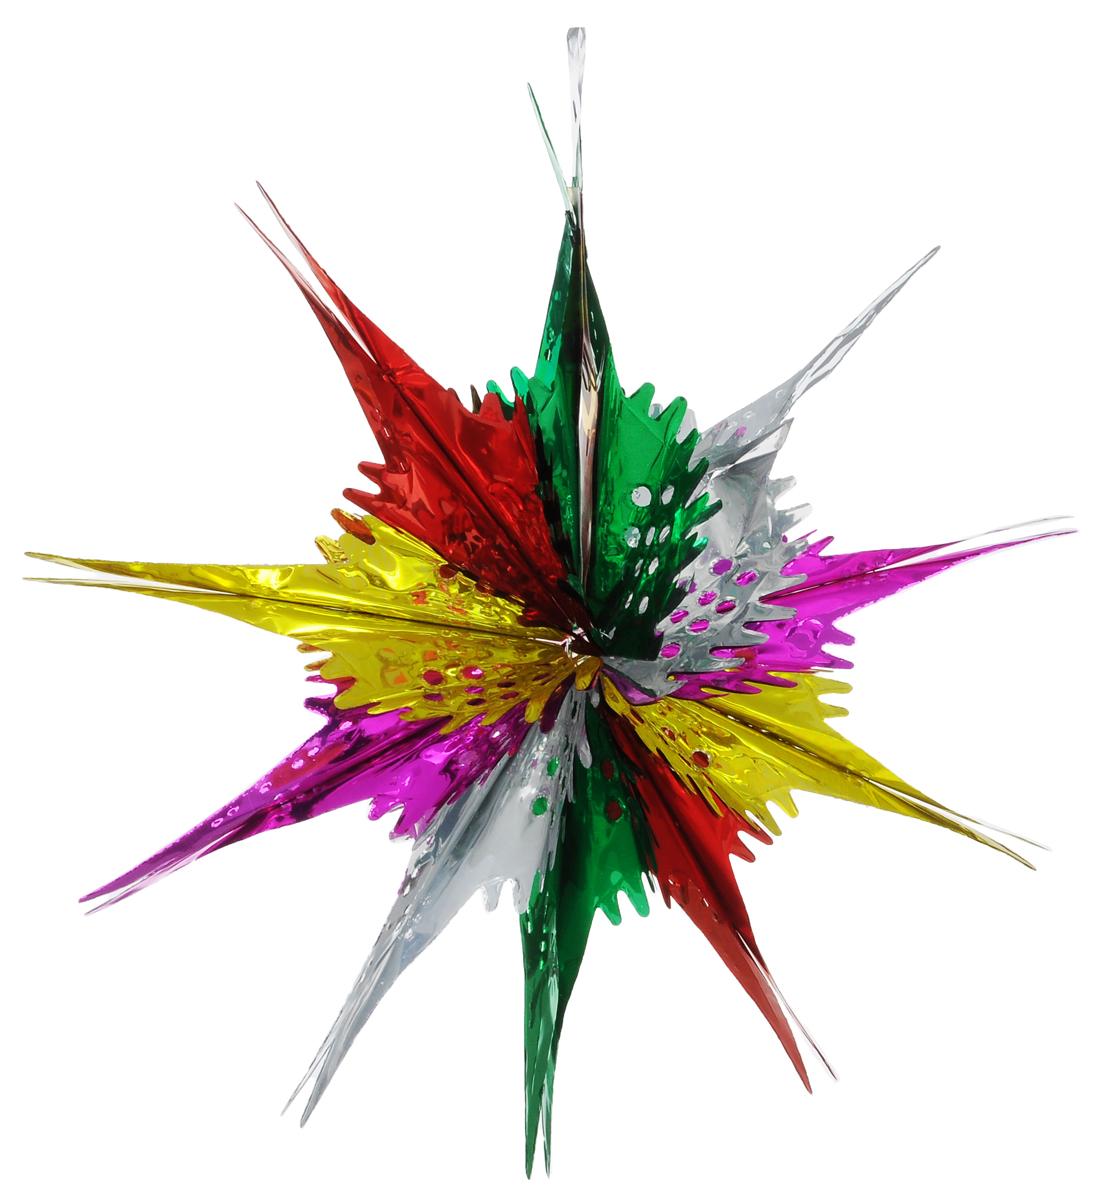 Новогоднее подвесное украшение Феникс-Презент Звезда ажурная, цвет: зеленый, красный, желтый30966Новогоднее украшение Феникс-Презент Звезда ажурная отлично подойдет для декорации вашего дома и новогодней ели. Украшение выполнено из ПЭТ (полиэтилентерефталата) в форме многогранной разноцветной звезды. С помощью специальной петельки звезду можно повесить в любом понравившемся вам месте. Украшение легко складывается и раскладывается благодаря металлическим кольцам. Новогодние украшения несут в себе волшебство и красоту праздника. Они помогут вам украсить дом к предстоящим праздникам и оживить интерьер по вашему вкусу. Создайте в доме атмосферу тепла, веселья и радости, украшая его всей семьей.